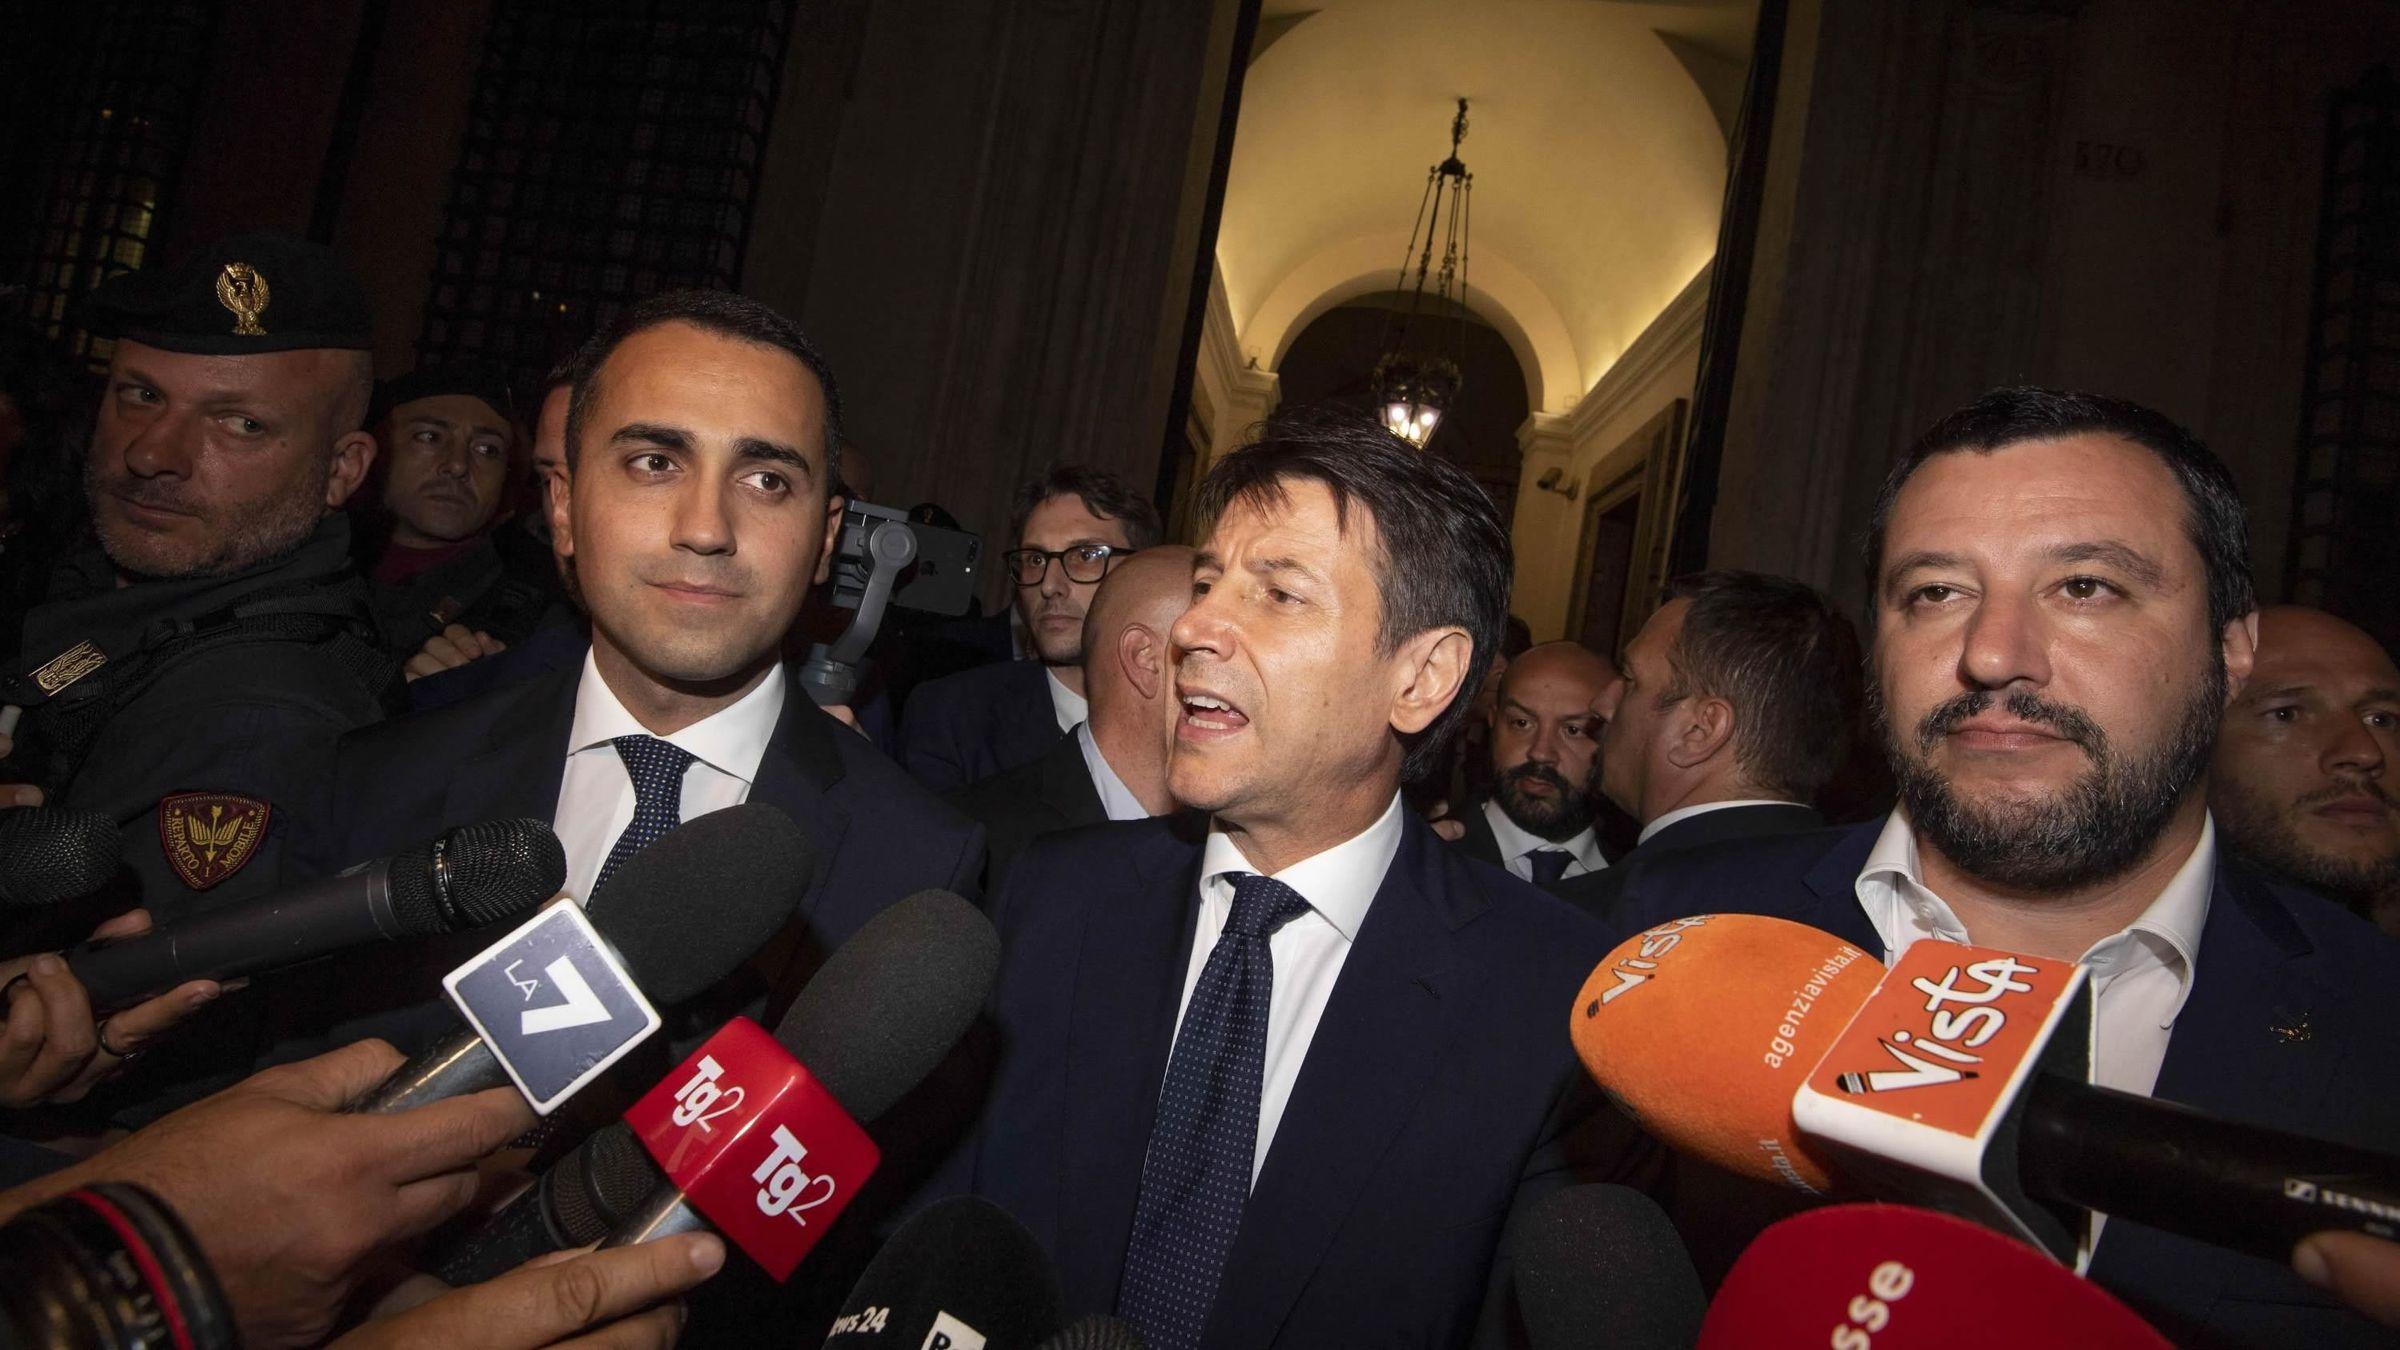 Banqueros en el banquillo.Guiuseppe Conte y sus dos vicepresidentes en el exterior del Palacio Chigi en Roma